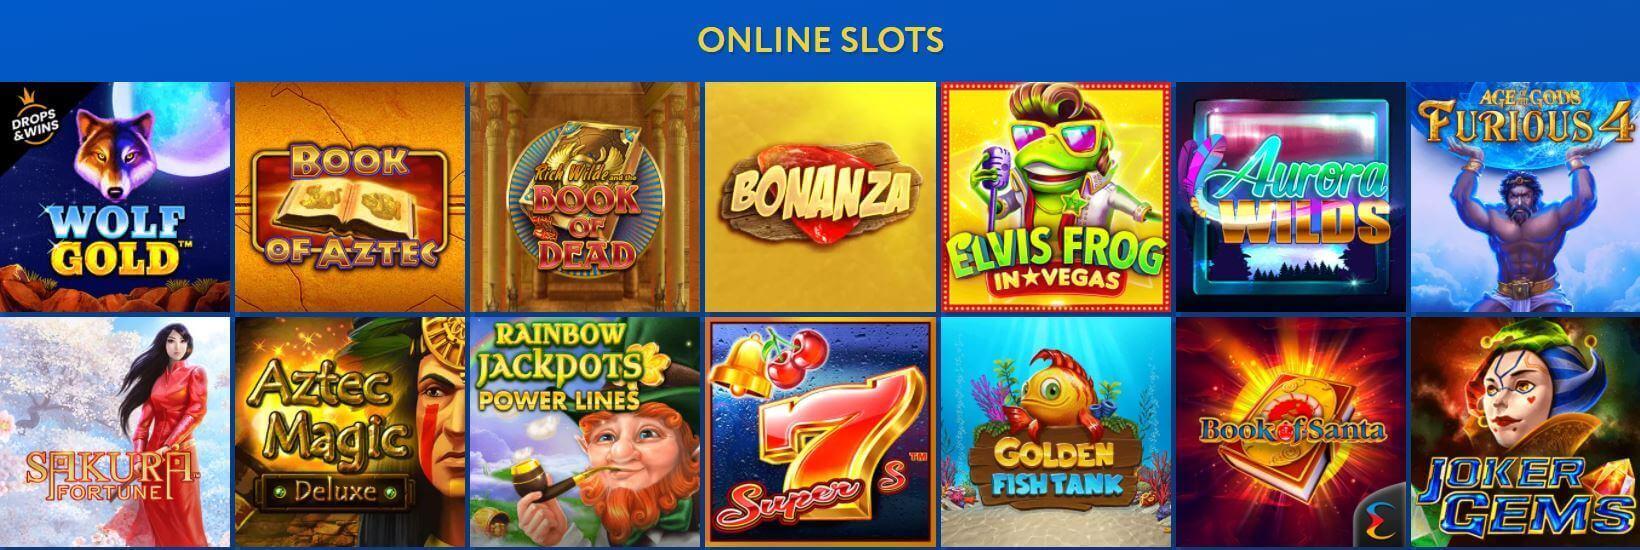 EU Slot gokkasten spellen